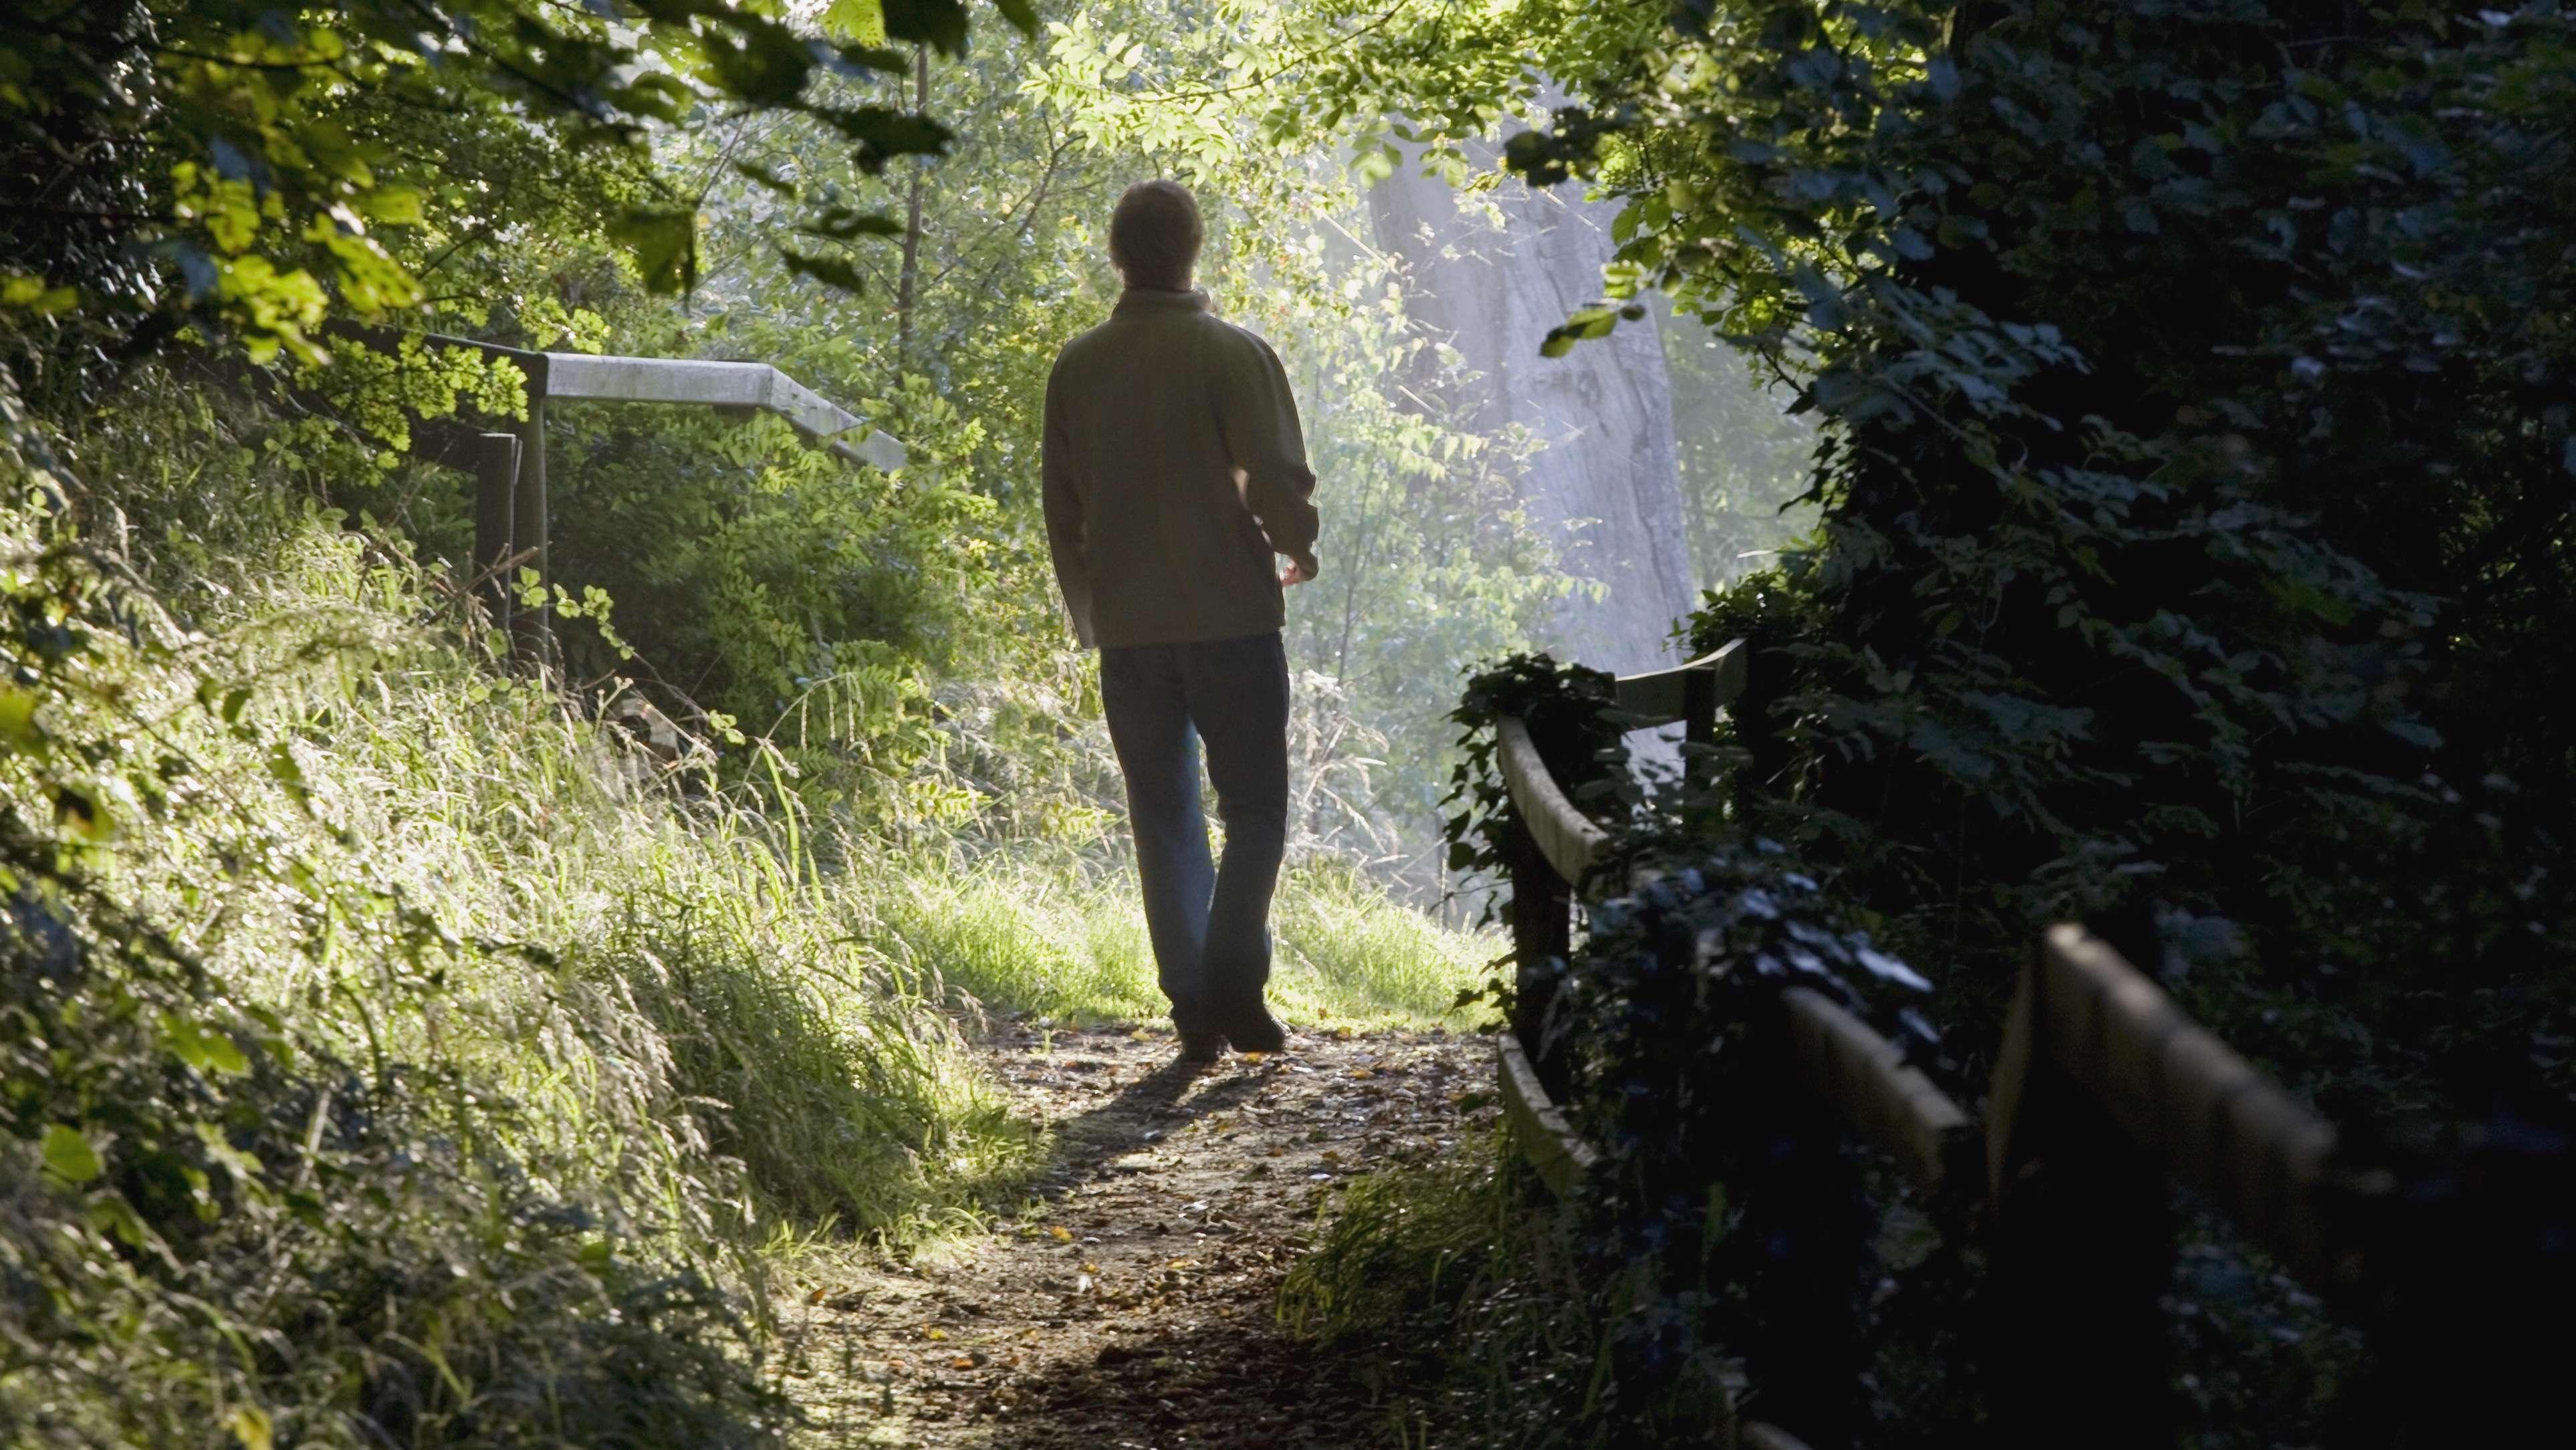 Mann geht im Wald spazieren